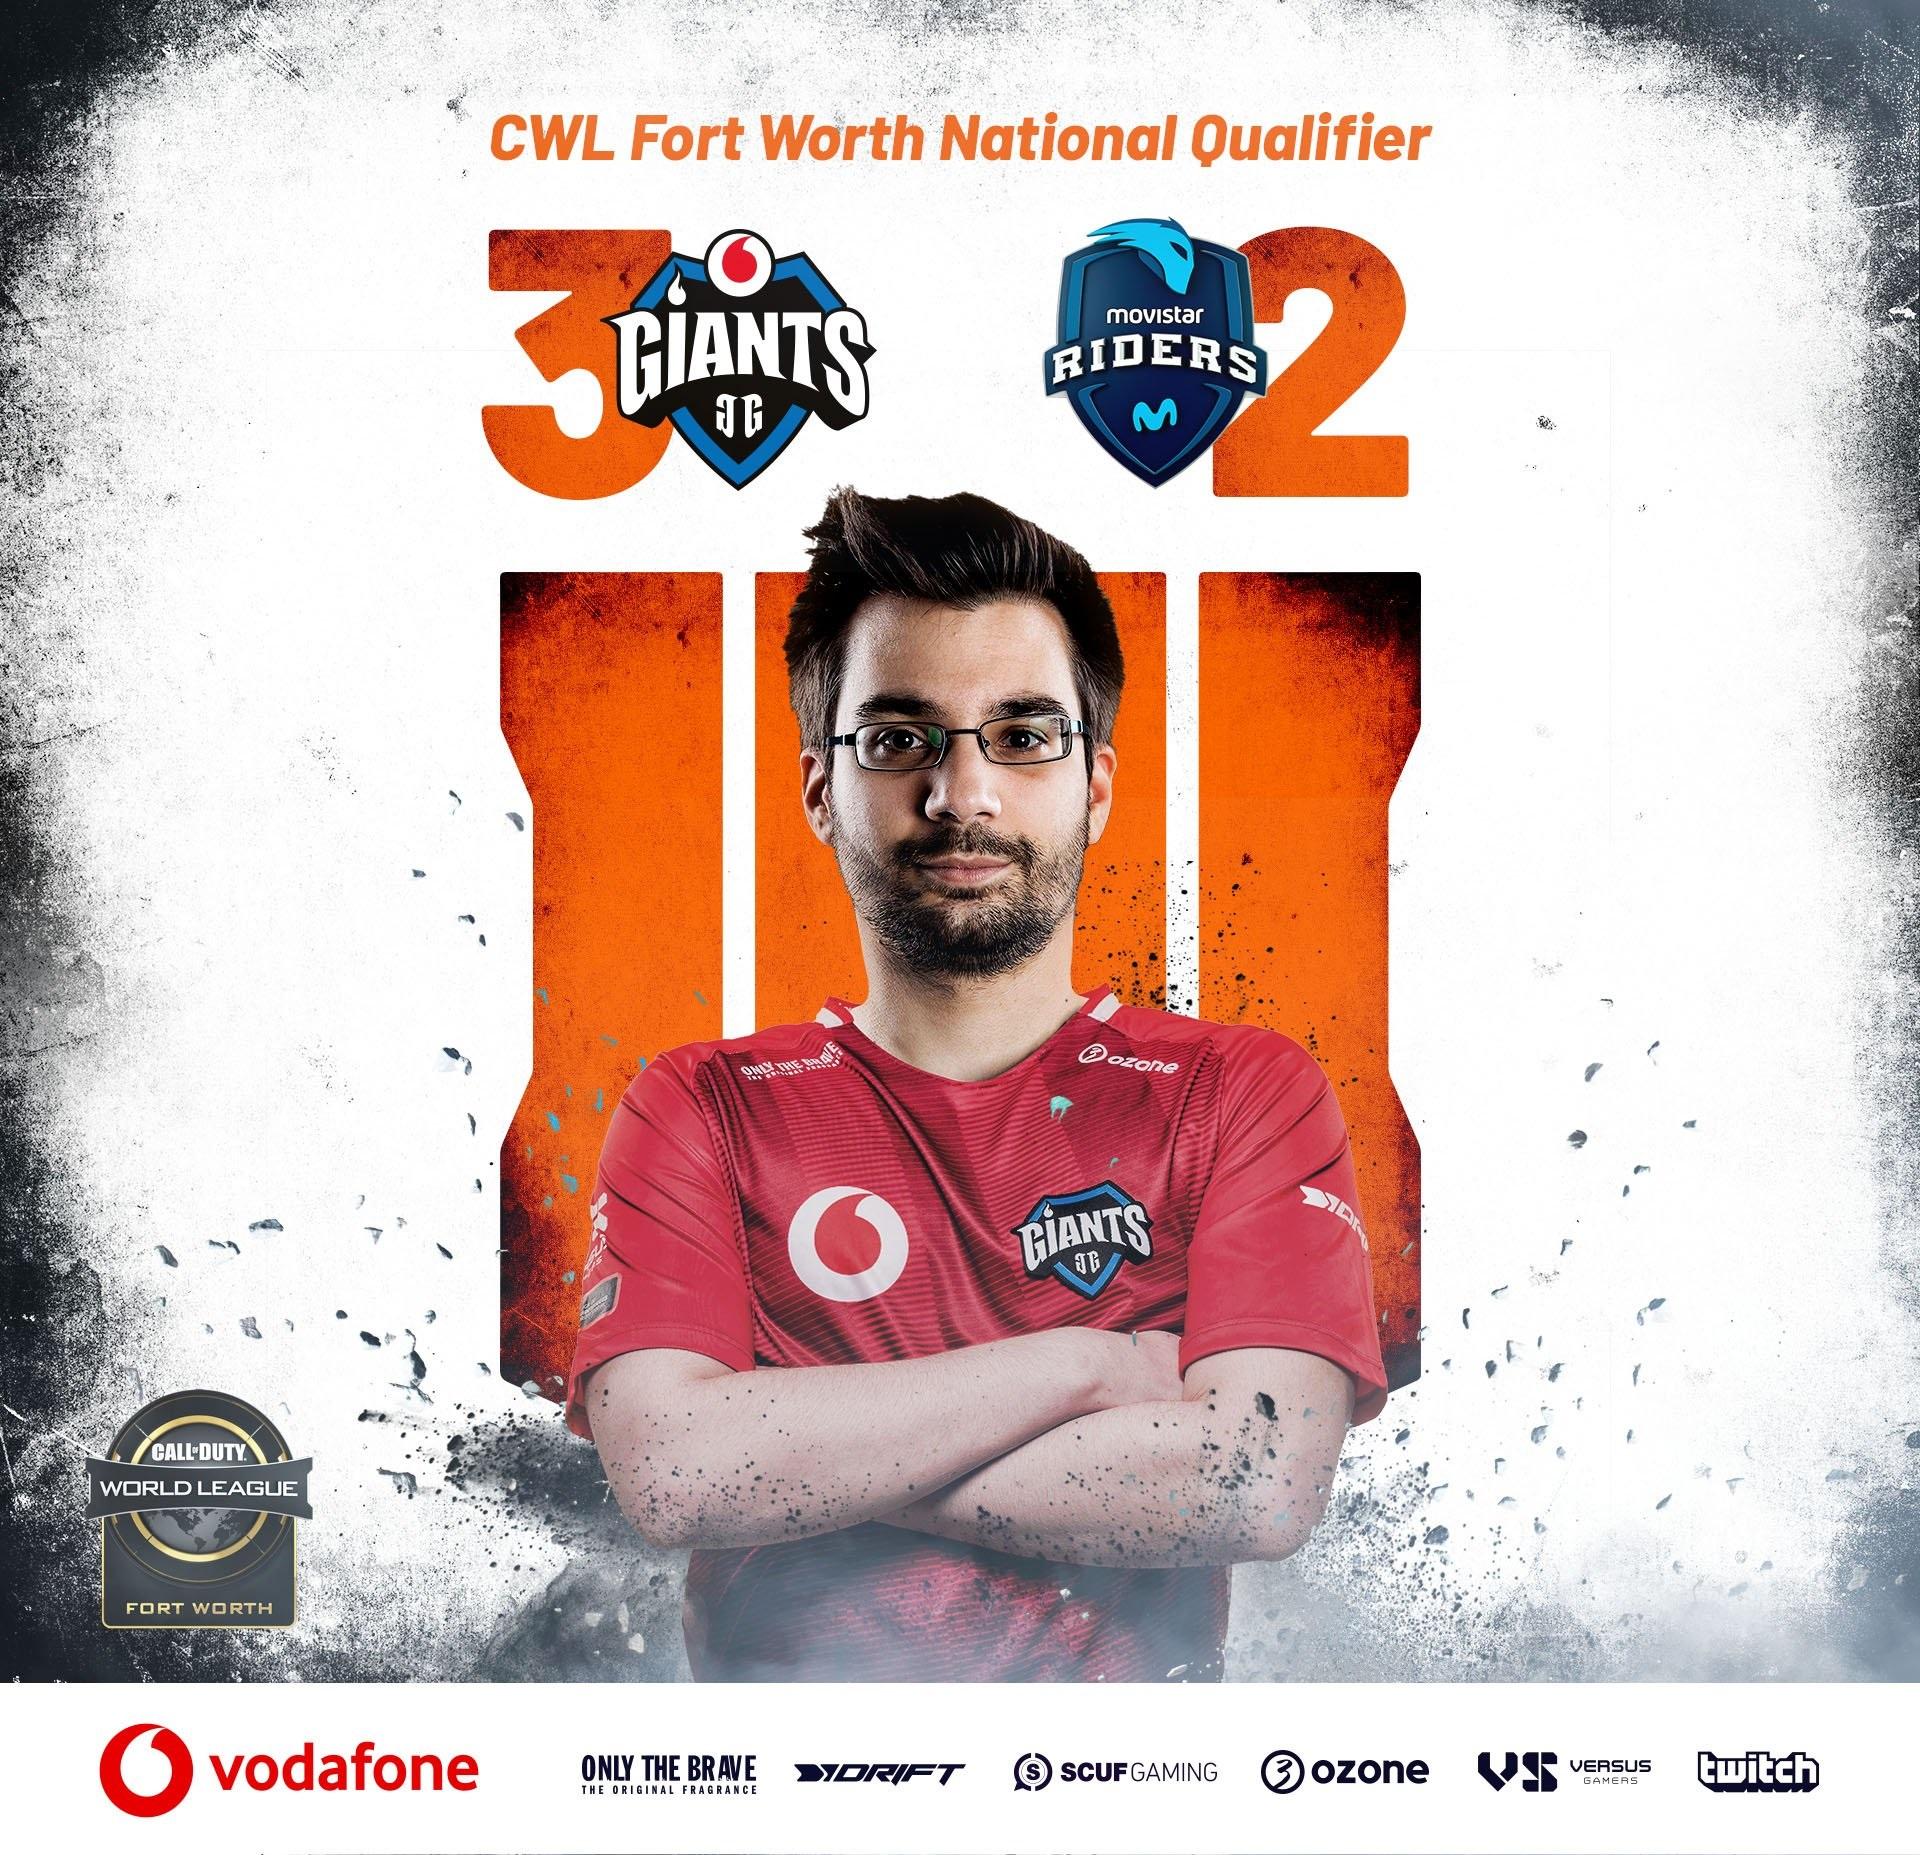 giants_CWLNational